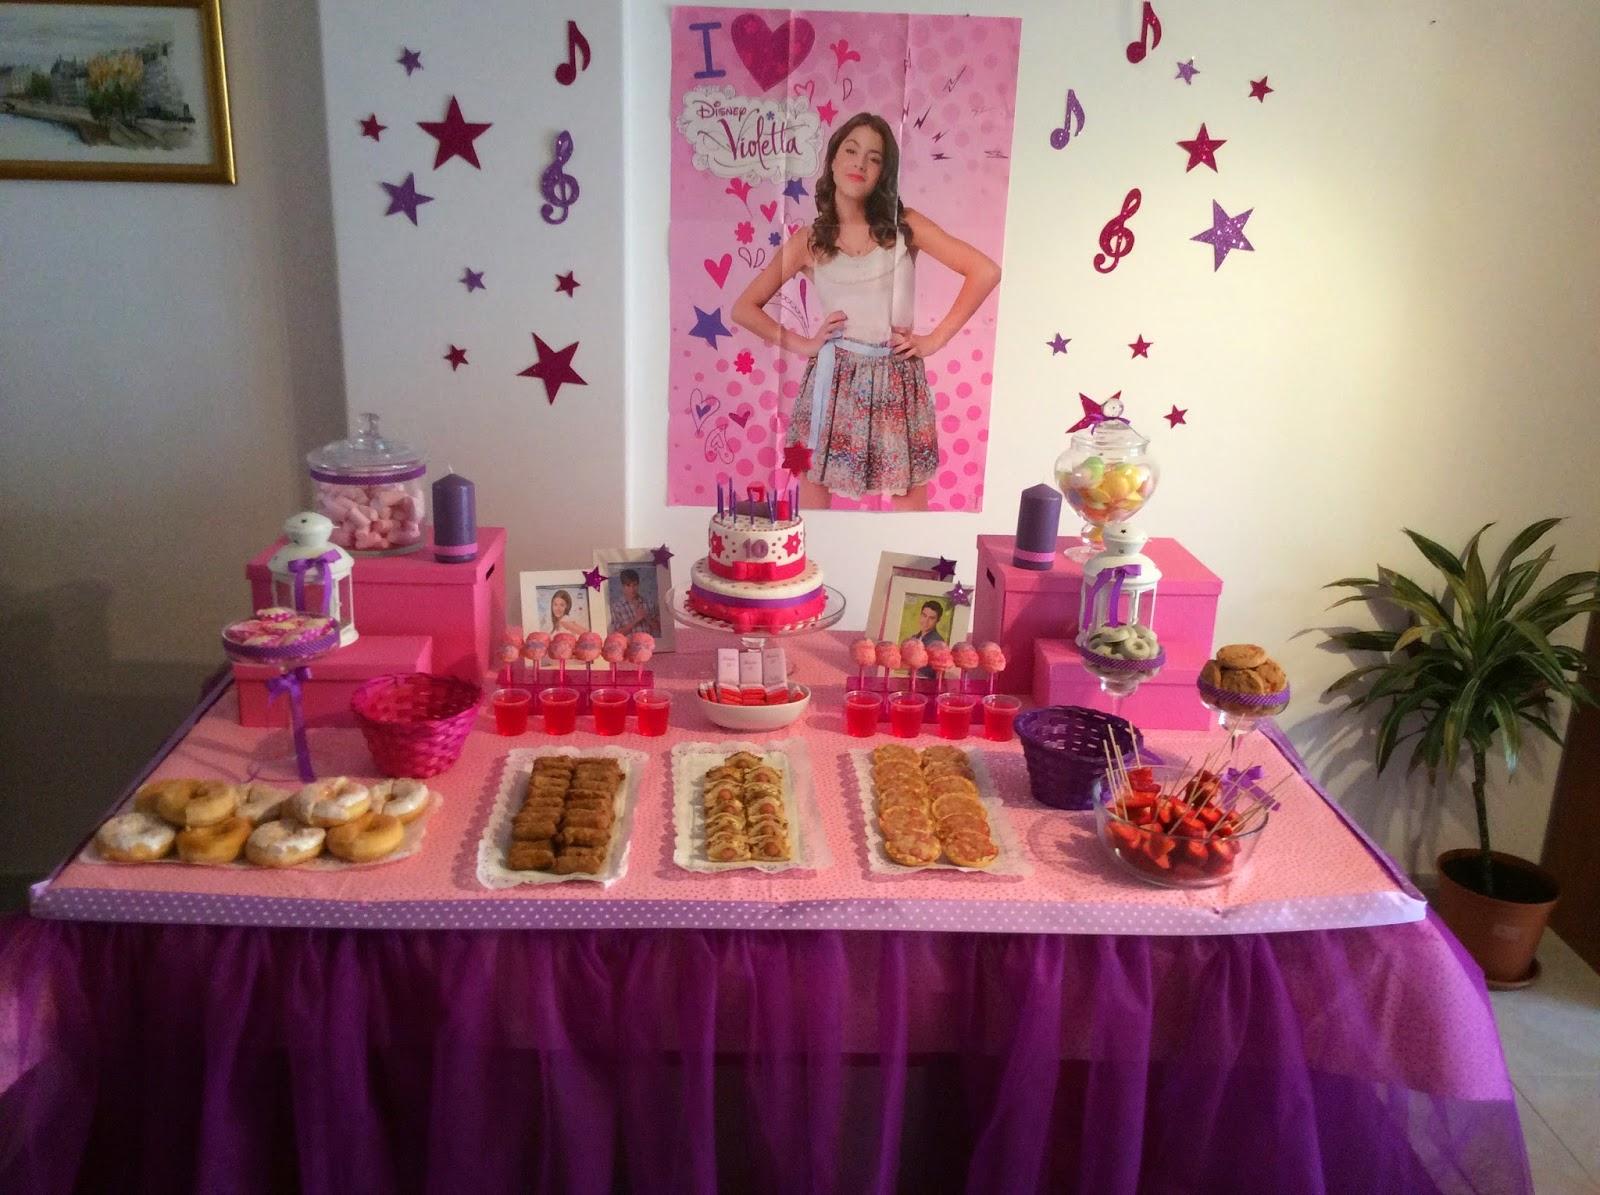 decoracao festa violeta:KOIOKOFI : Festa da Violetta / Violetta Party